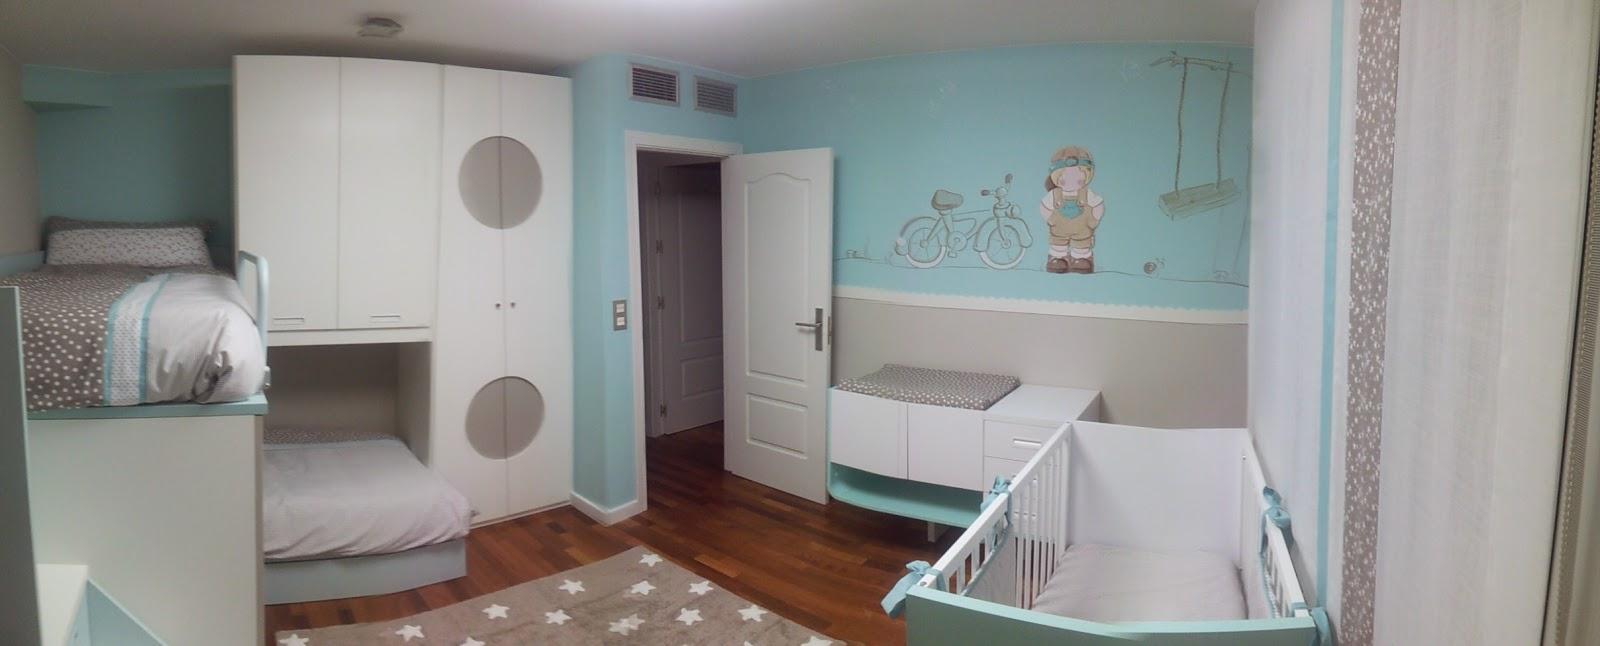 Deco chambre b b d coration chambre d 39 enfant for Chambre bebe peinture murale